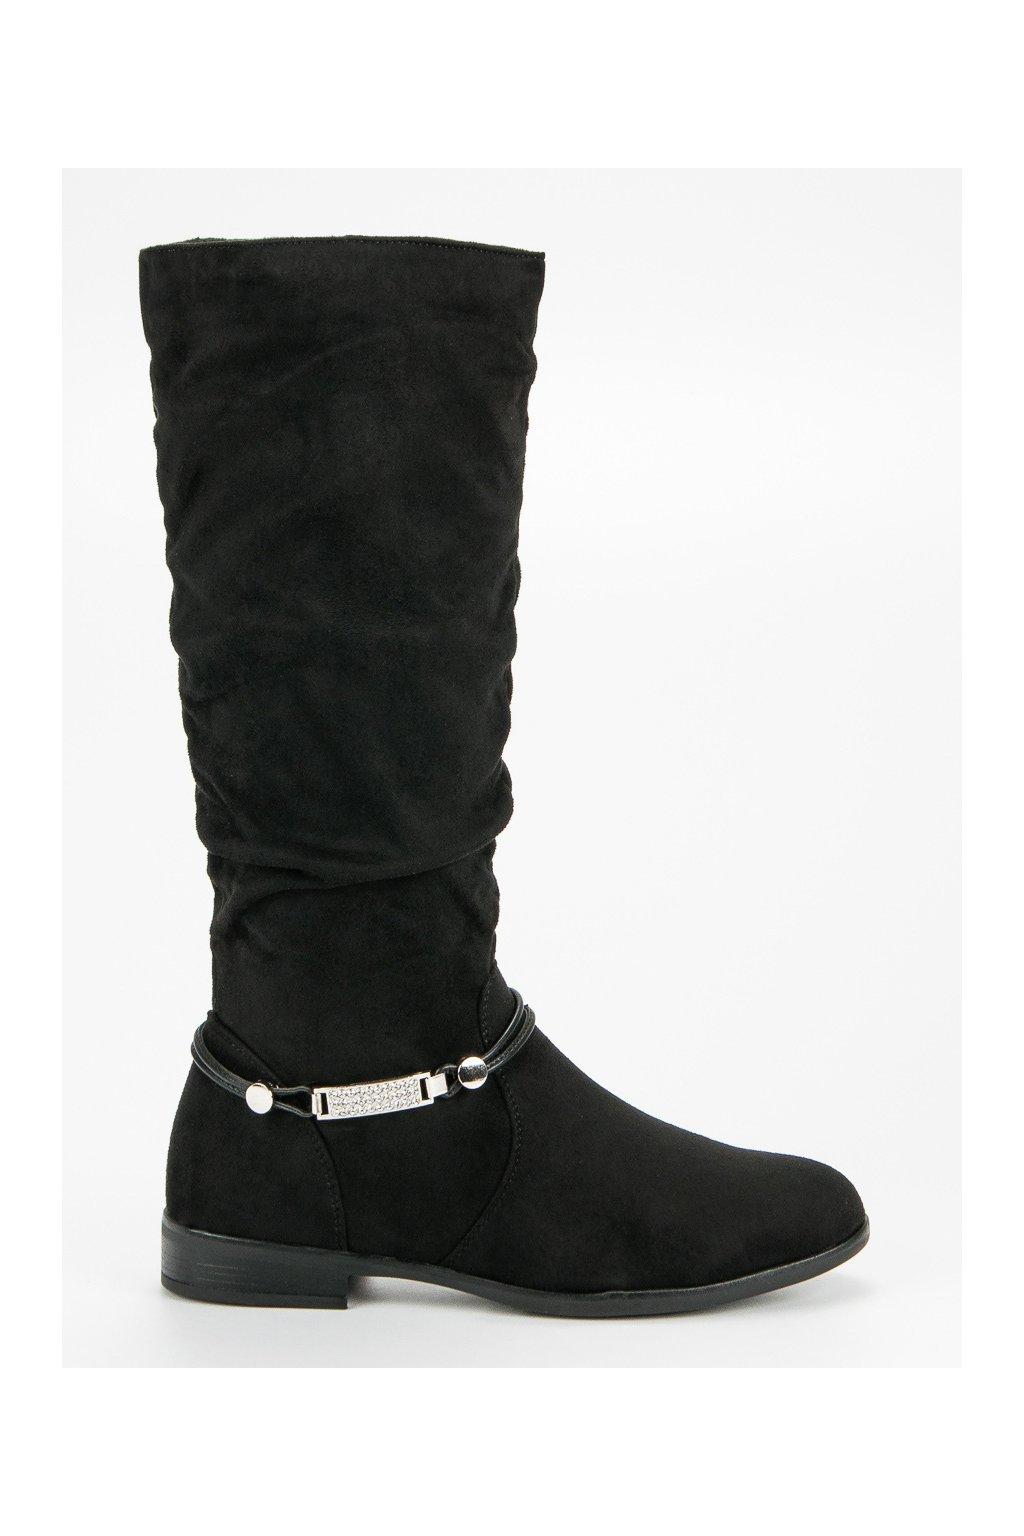 877b0c81b5e5 Členkové topánky